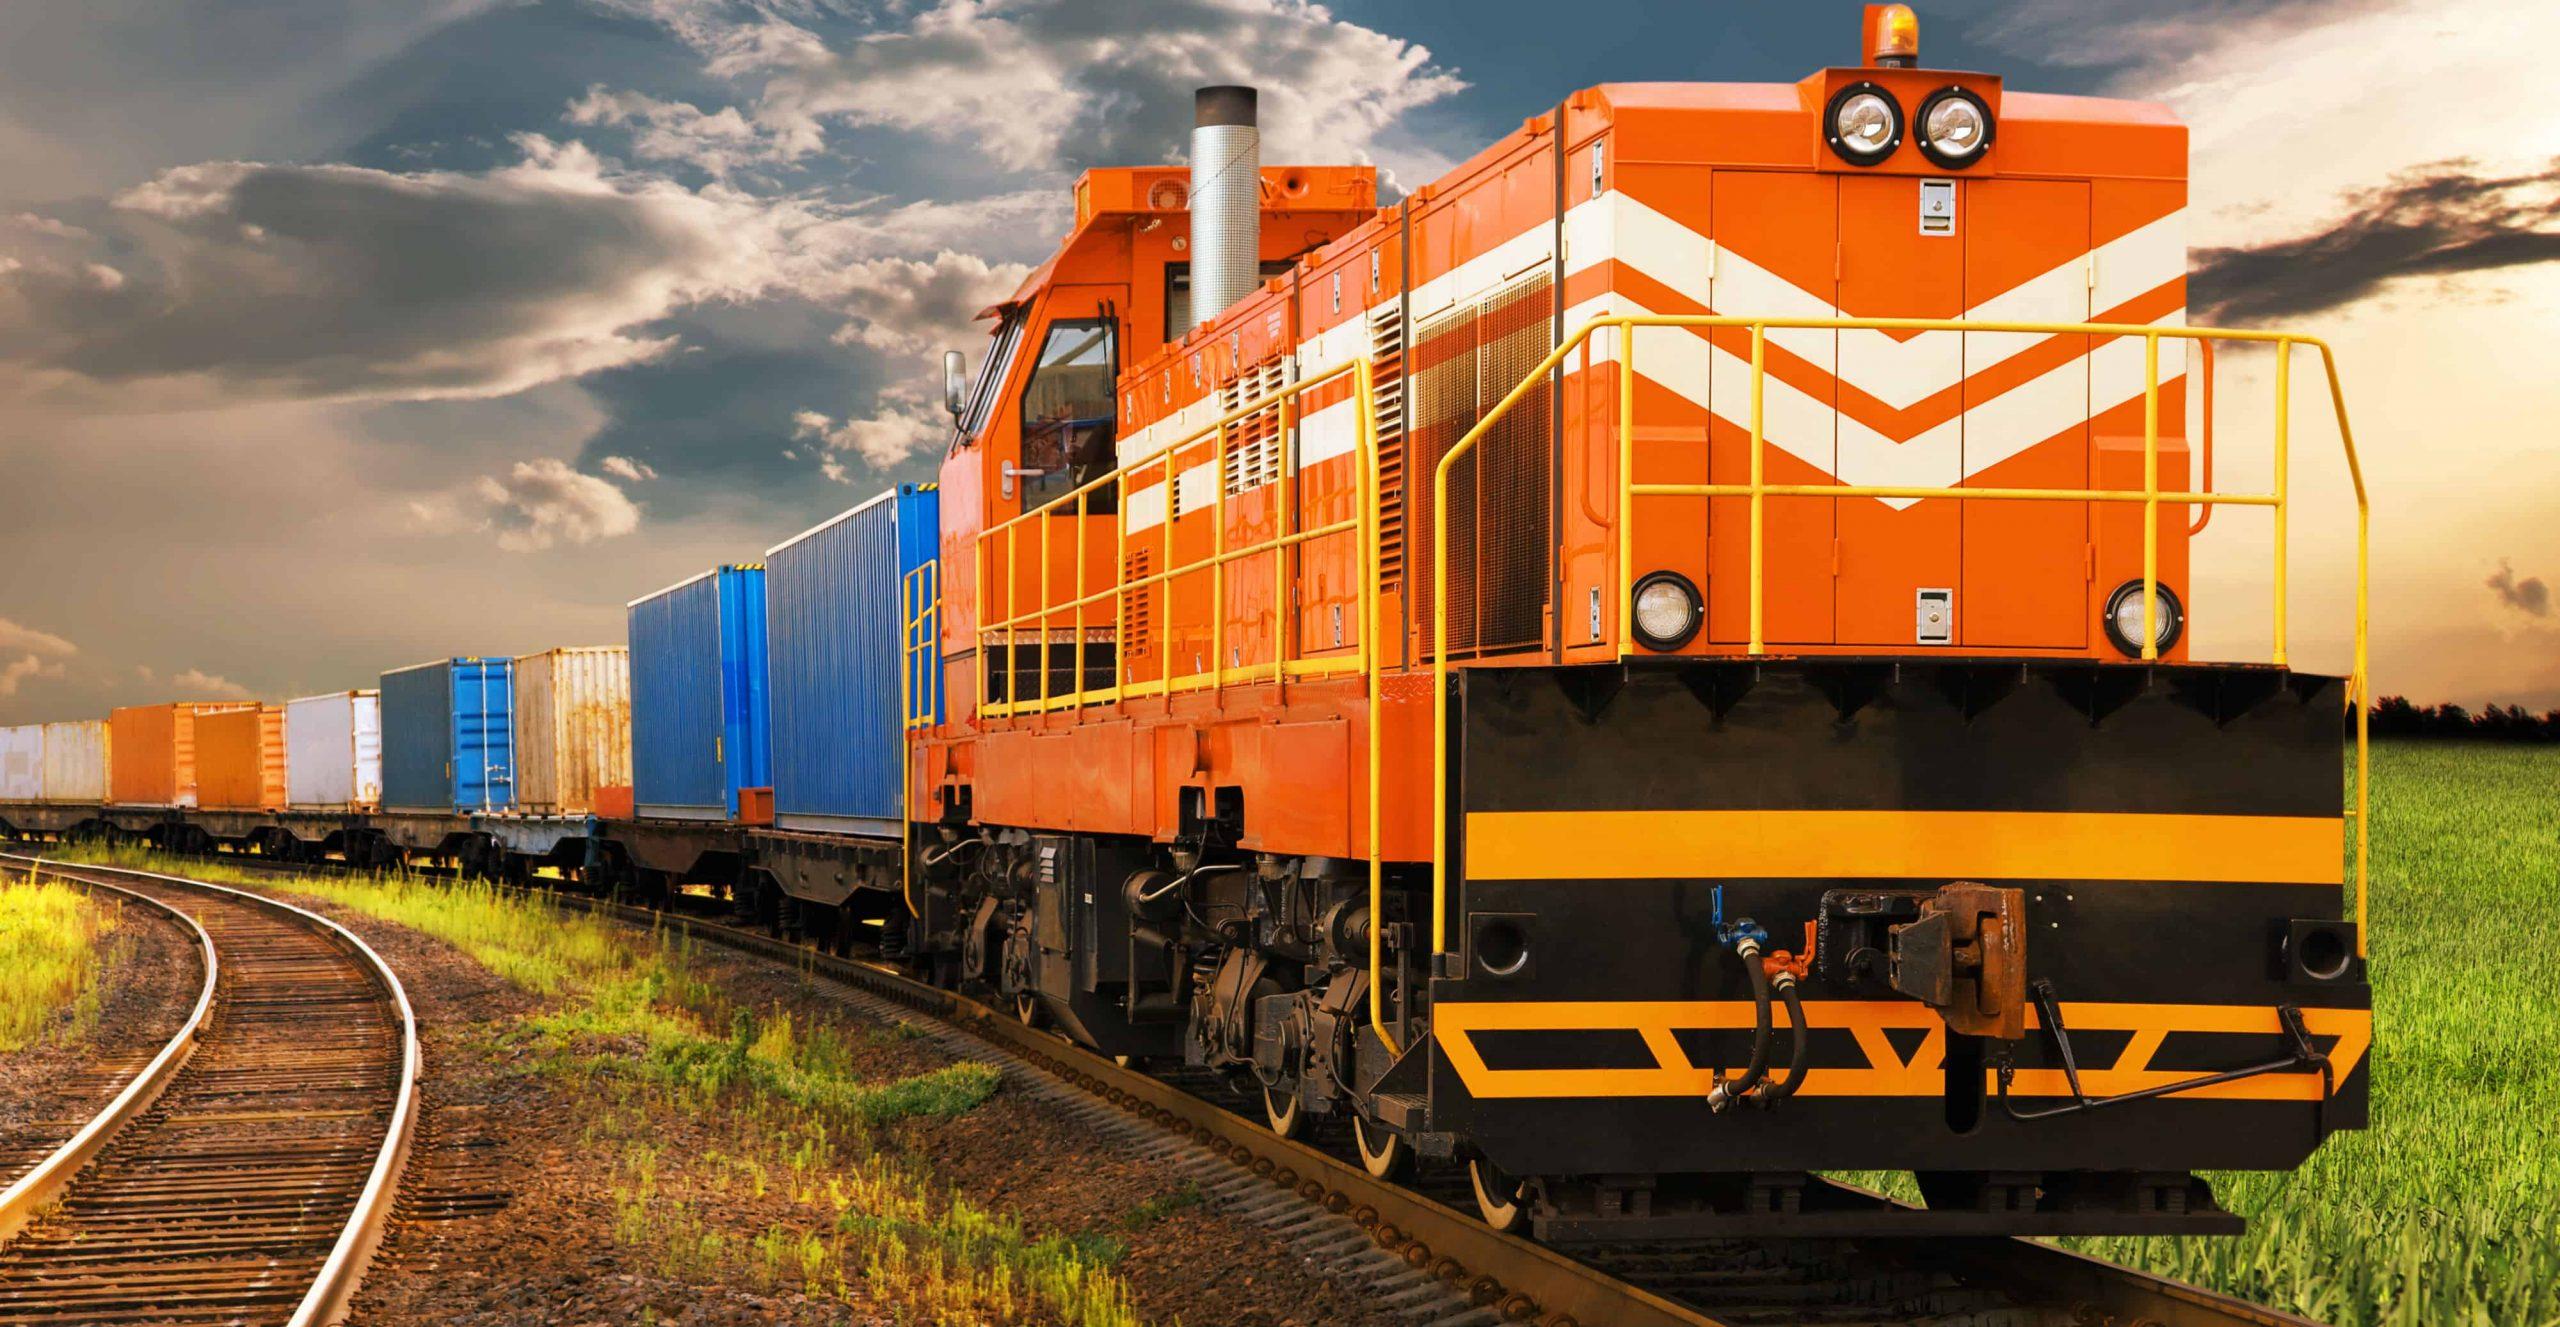 حمل و نقل ریلی بین المللی چیست؟